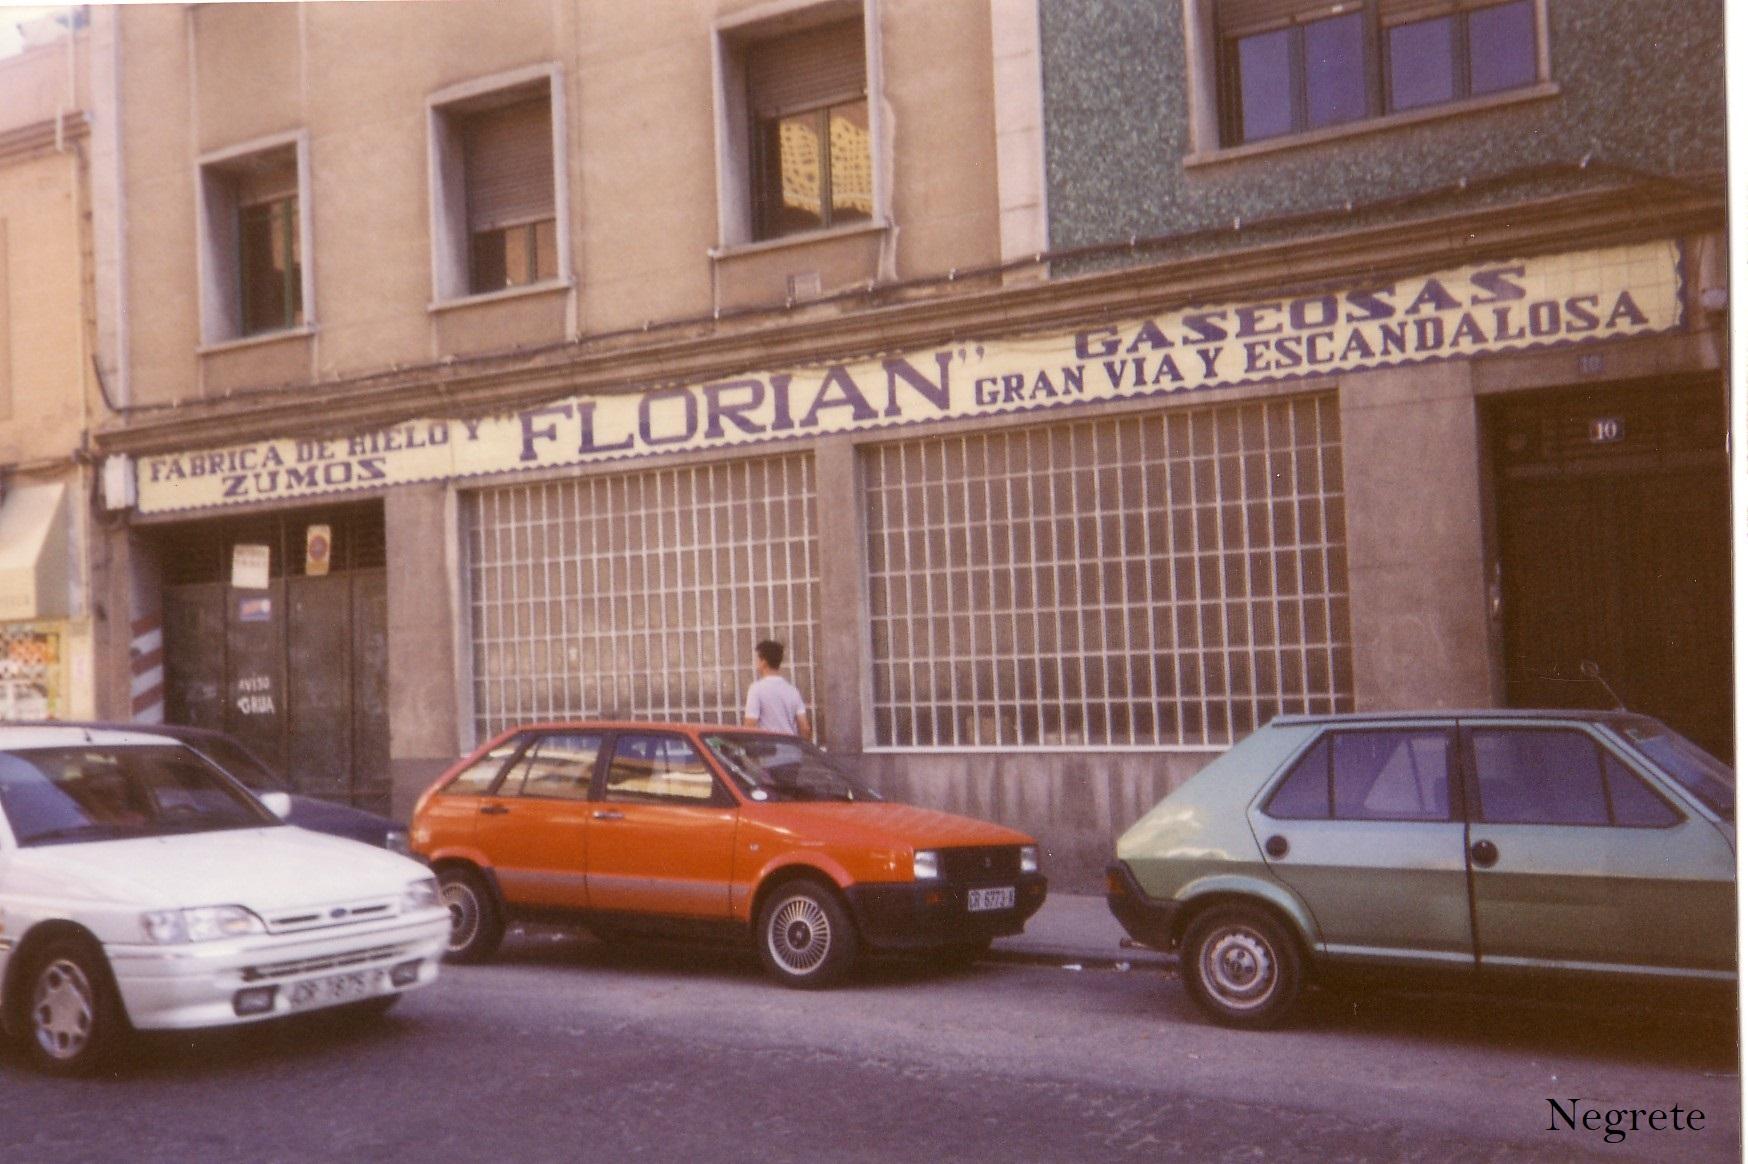 Hielos Florián Fotografía F. Negrete 1990